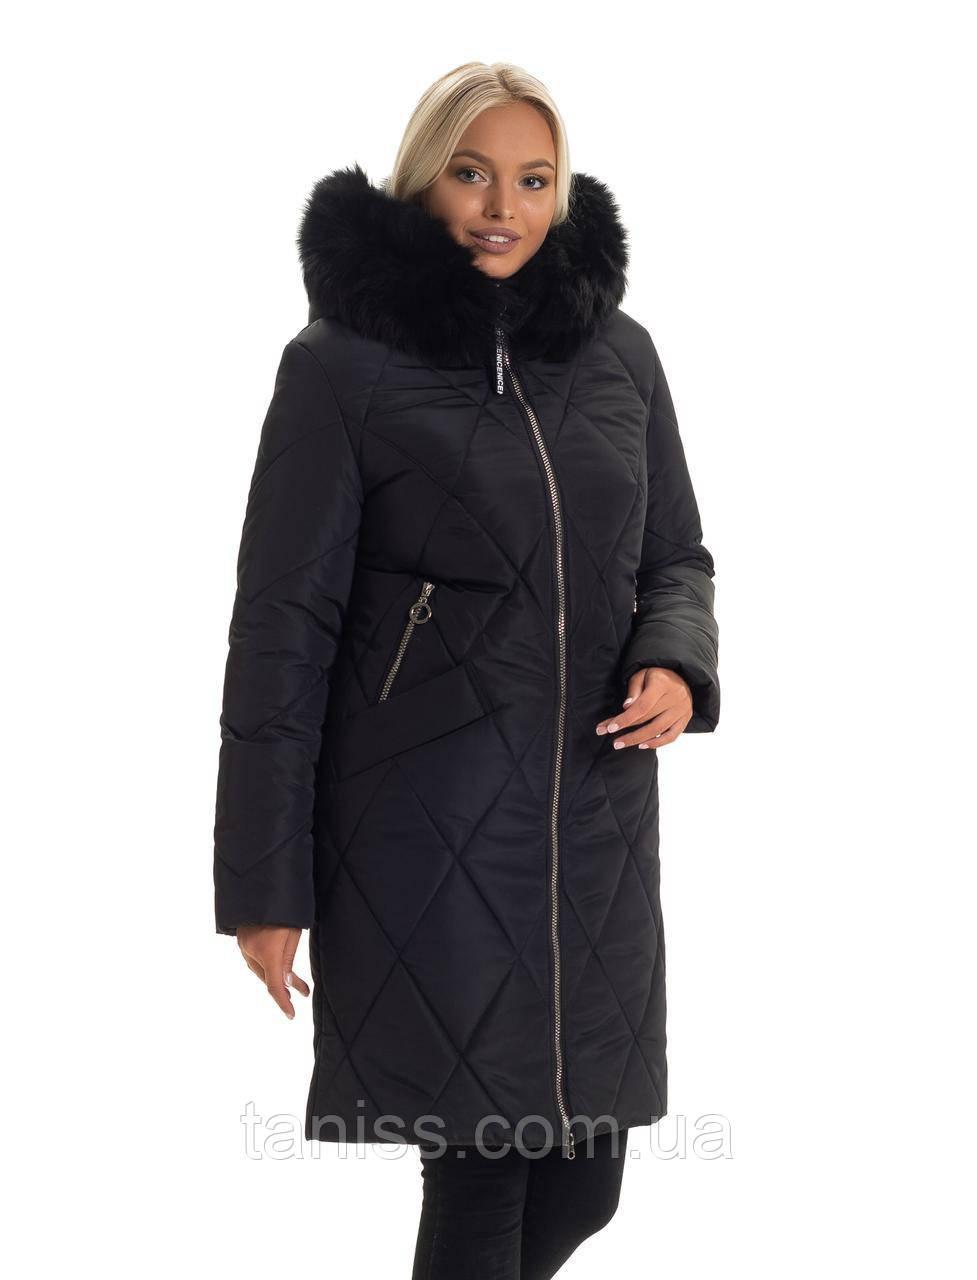 Зимний, женский пуховик большого размера,мех песец съемный, капюшон вшитый. размеры 44-52, черный(136)песец